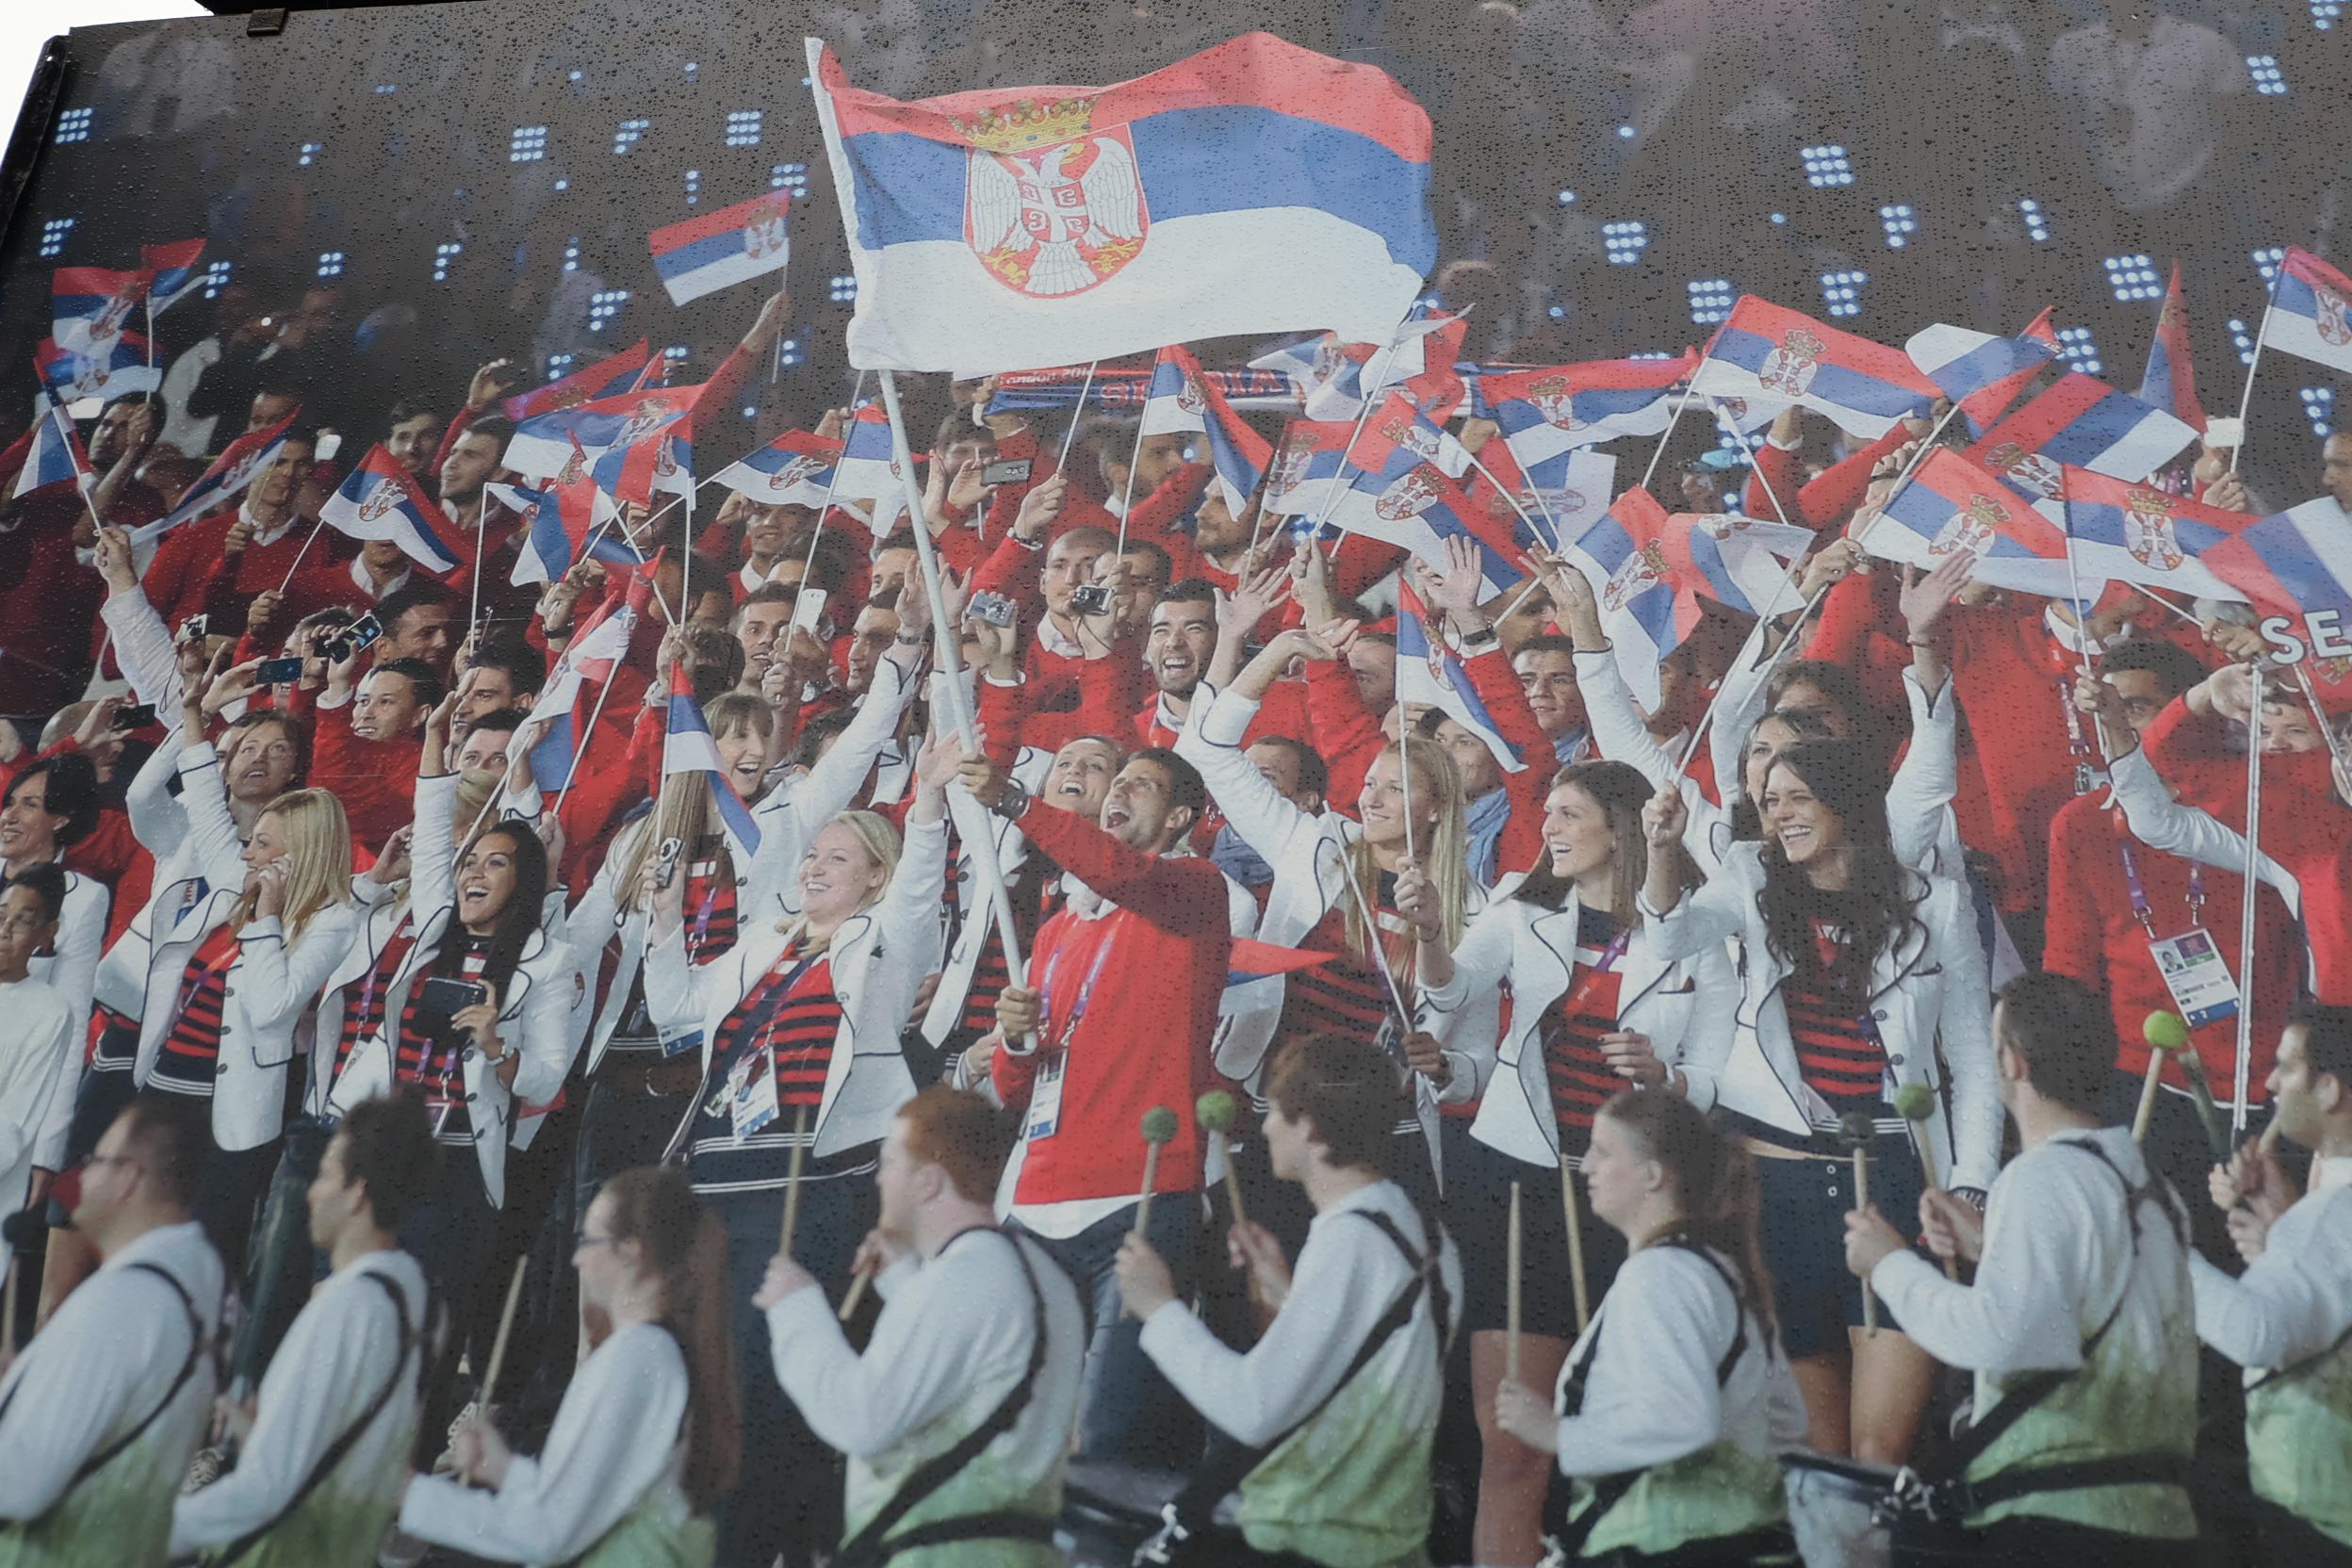 塞尔维亚的吉祥三宝:美女、帅哥、Kafana!